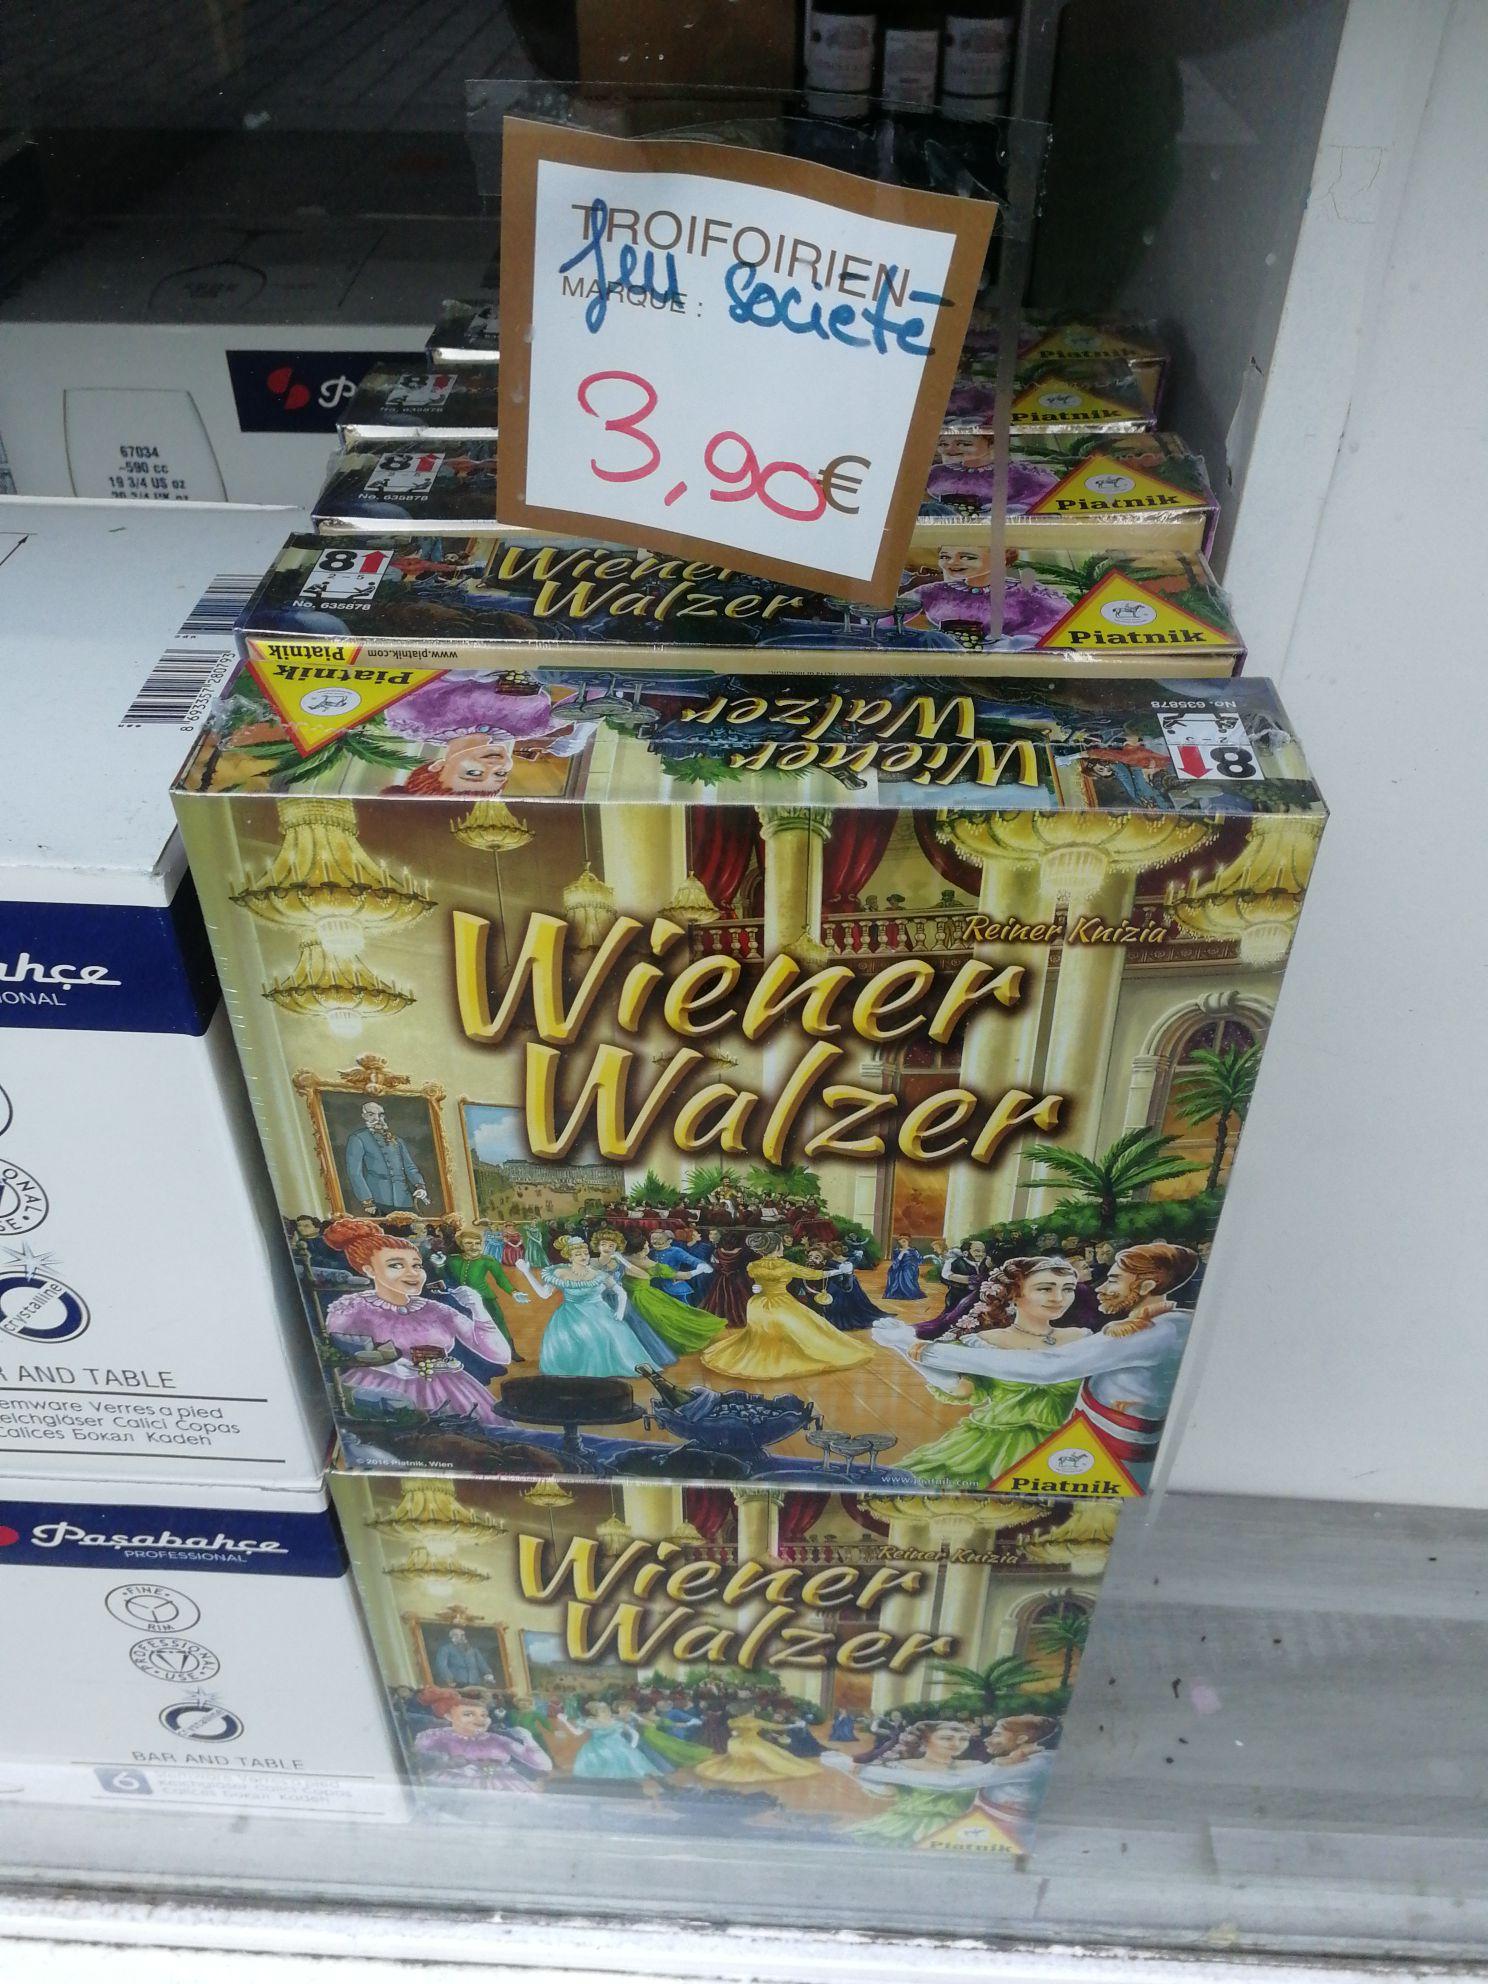 Jeu de société Wiener Walzer - Troifoirien Paris (75)